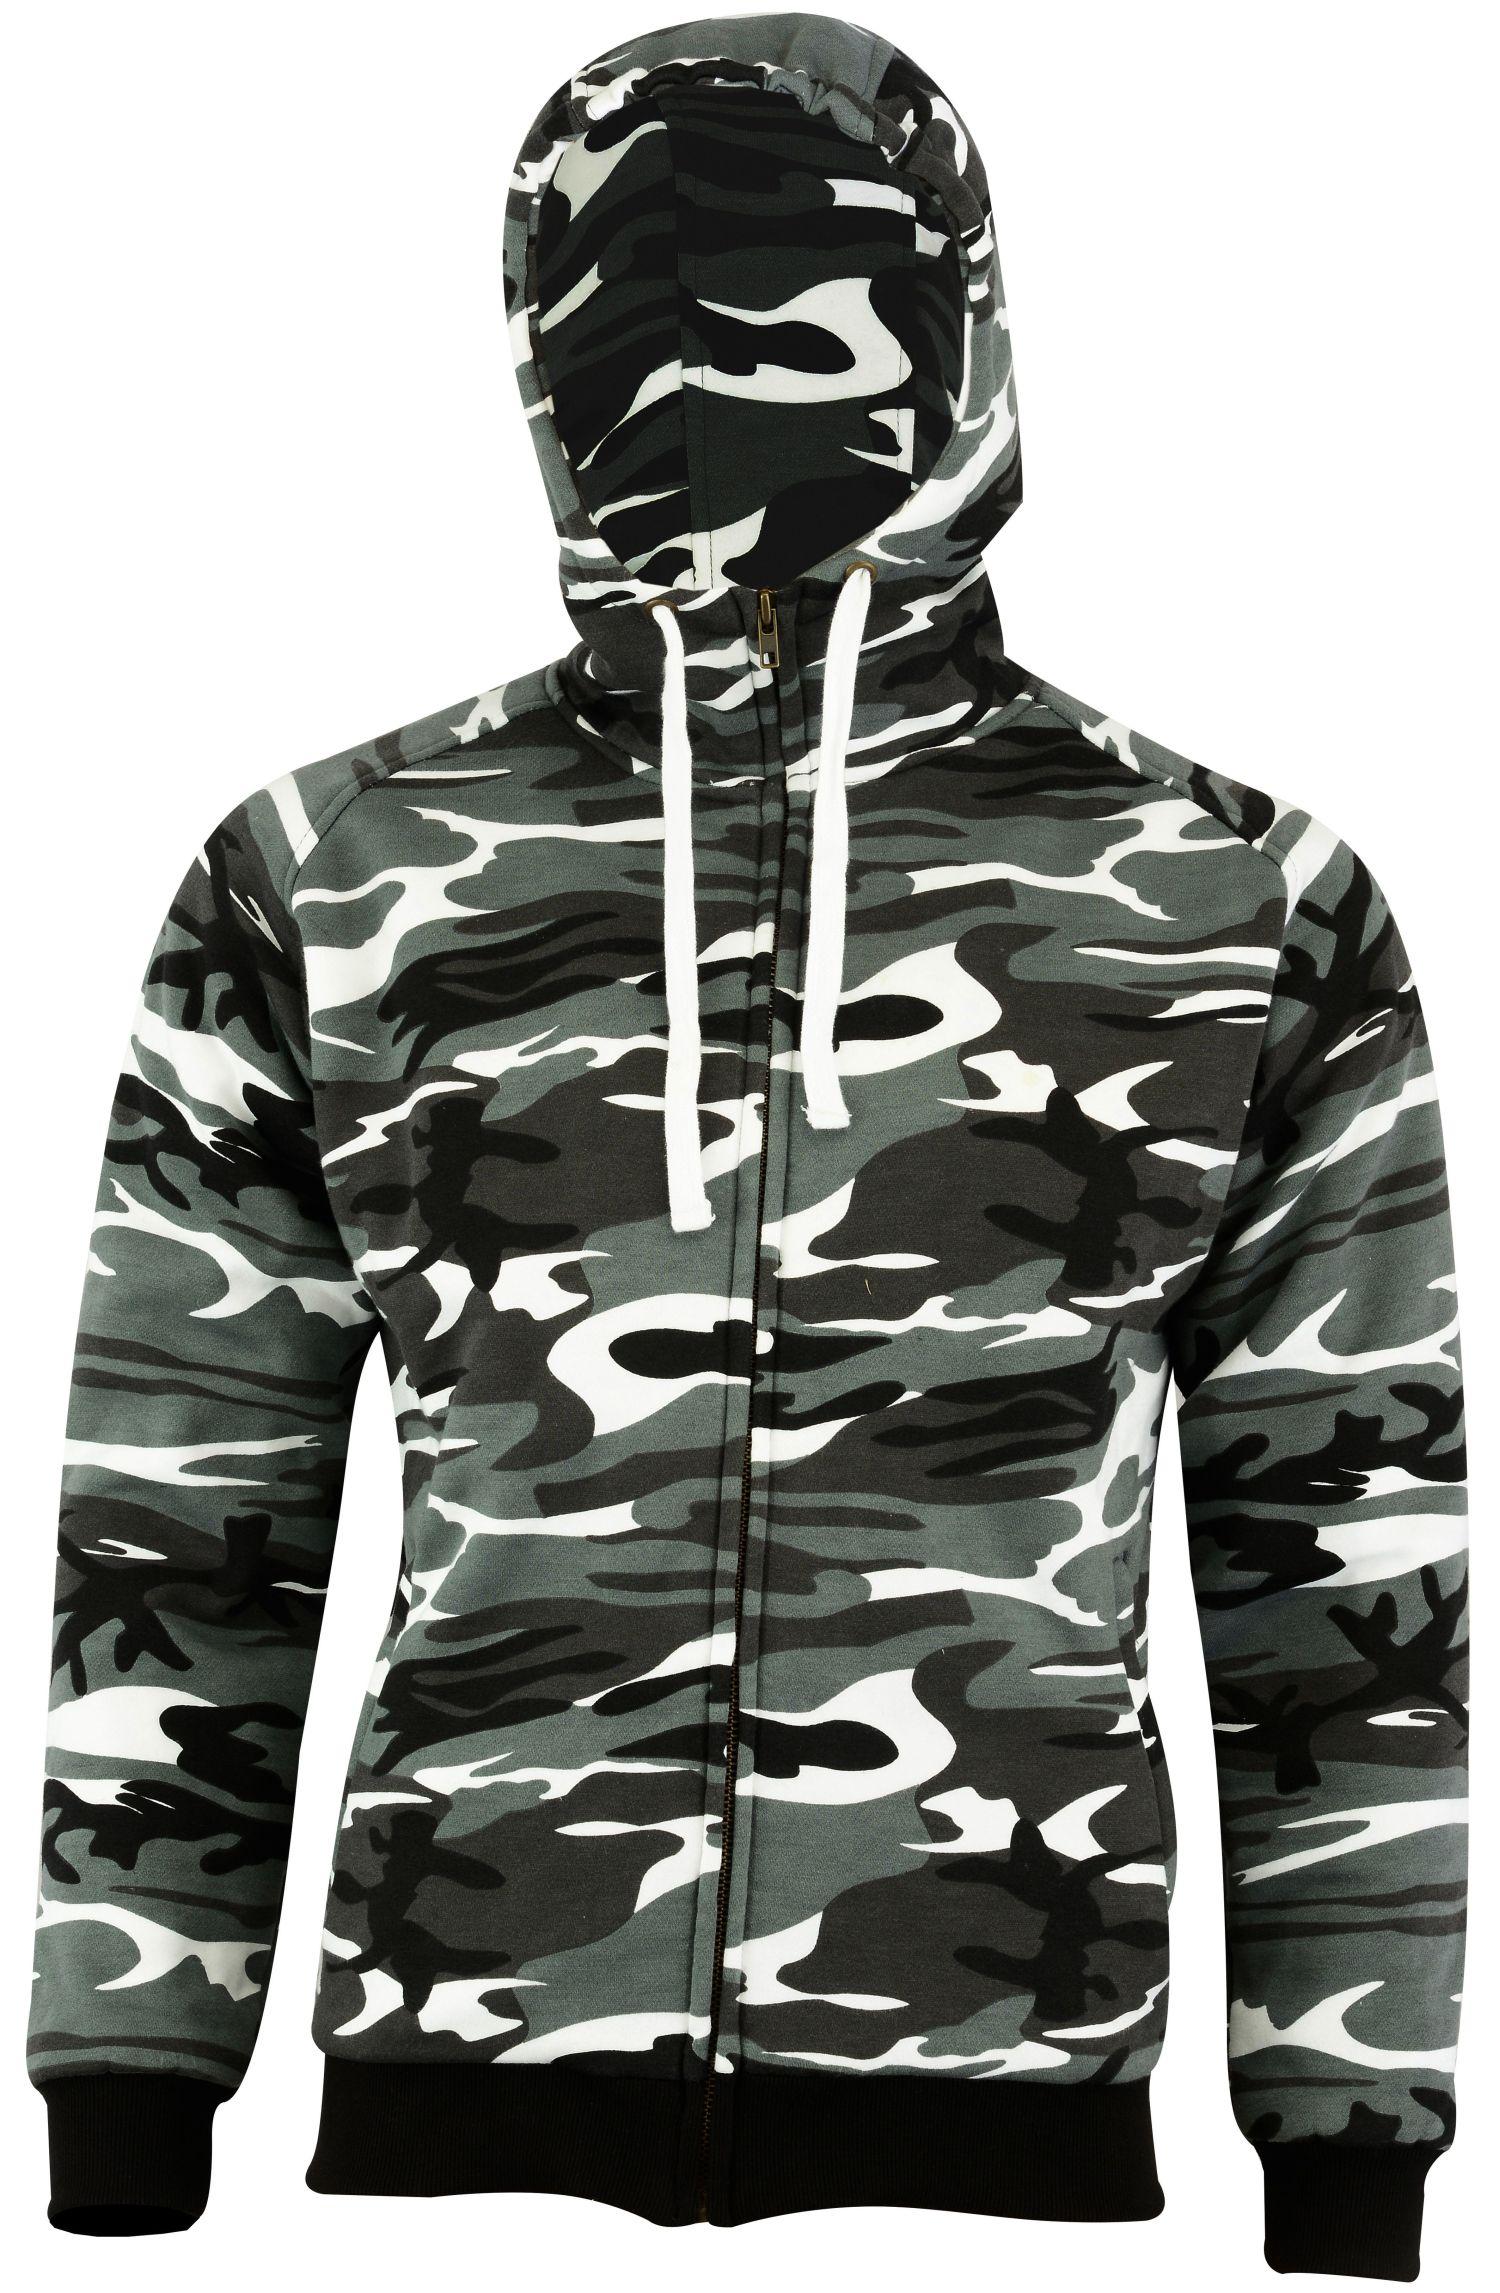 heyberry aramid hoody motorradjacke hoodie camouflage gr. Black Bedroom Furniture Sets. Home Design Ideas